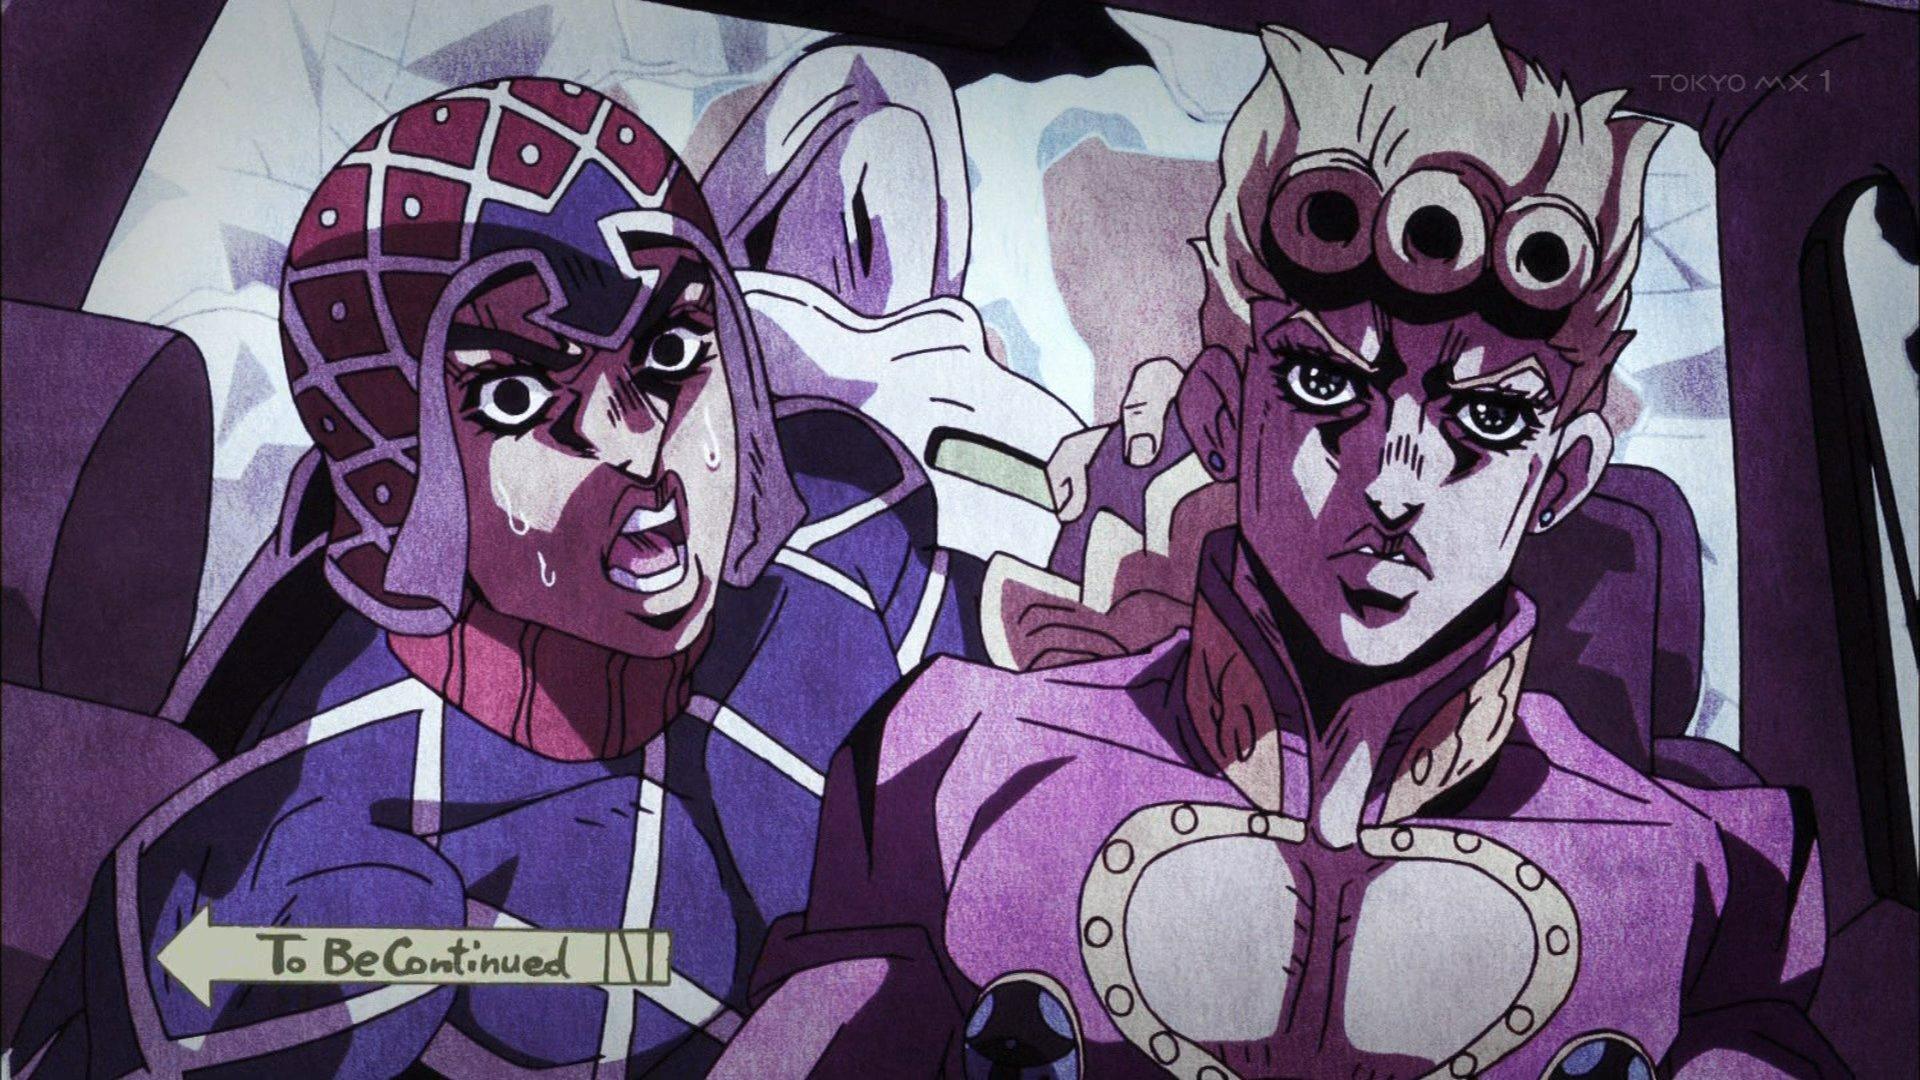 良いところで終わり! #ジョジョ #jojo_anime https://t.co/SGUWEA986t